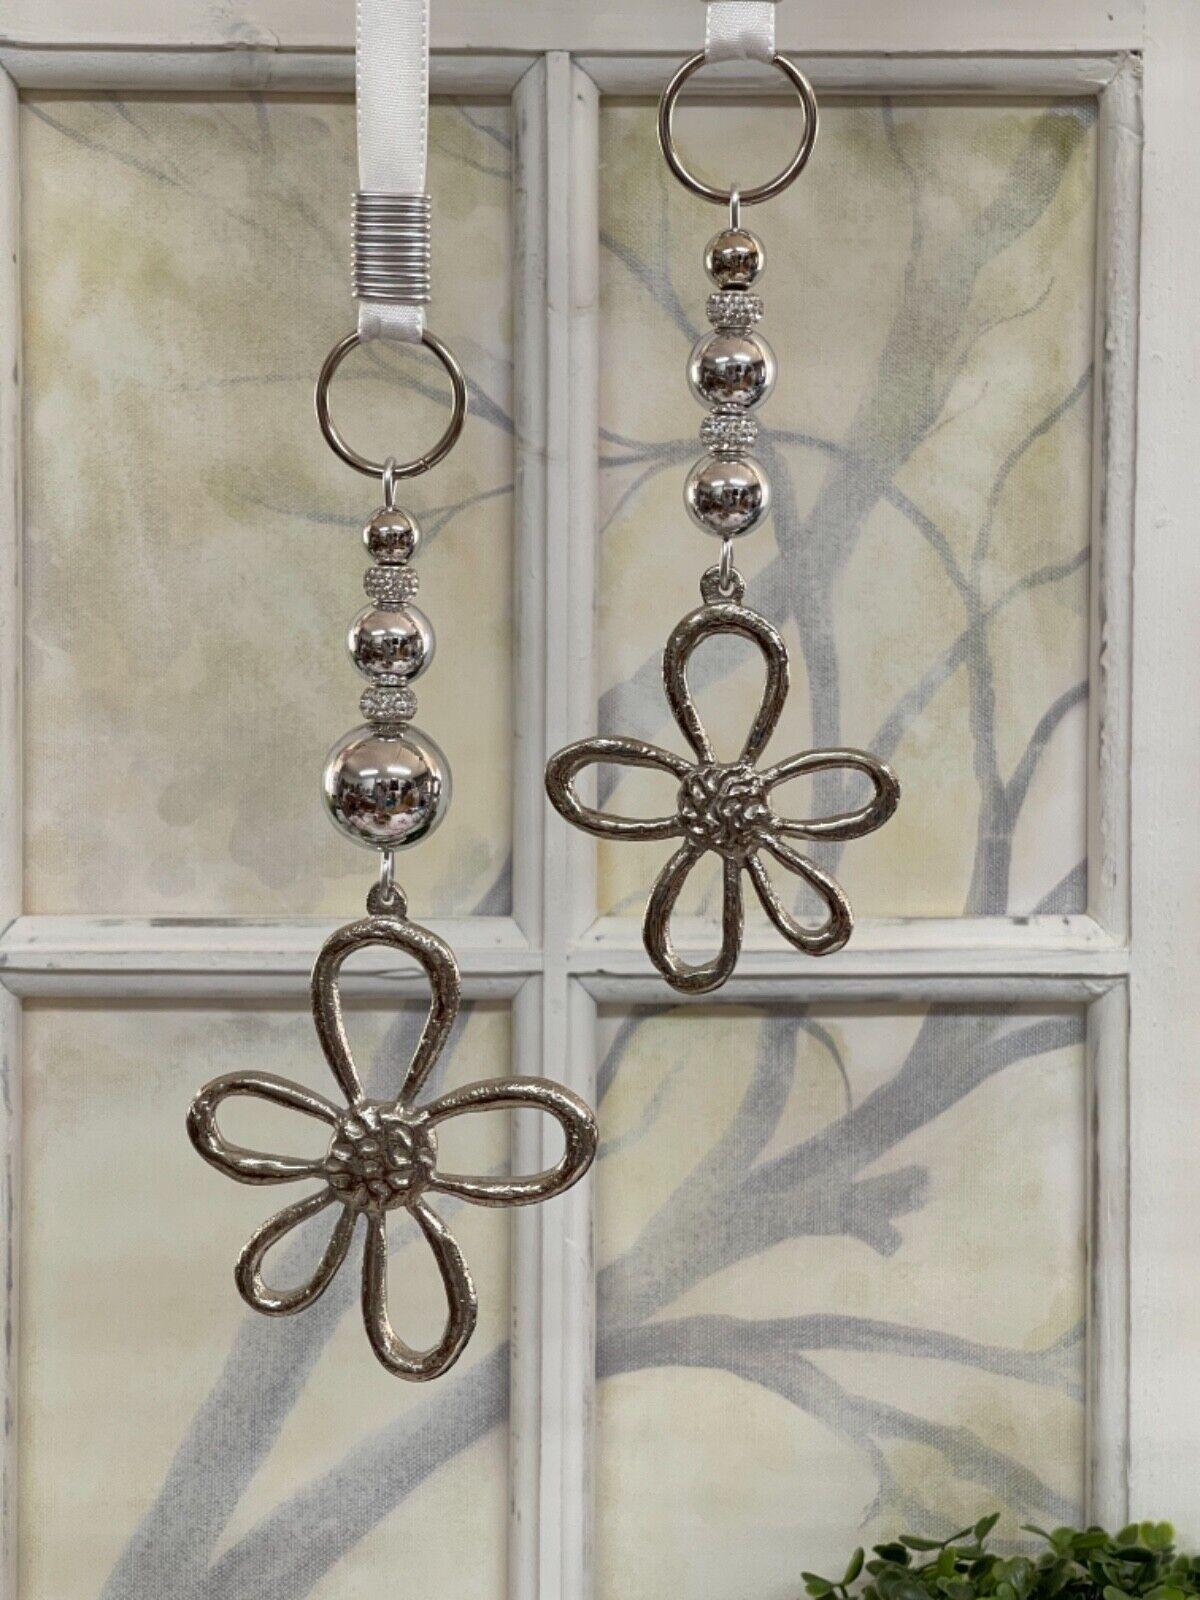 🌹 Fensterdeko, Hänger, Metall Blumen,11cm, Fensterdekoration, Fenster Hänger